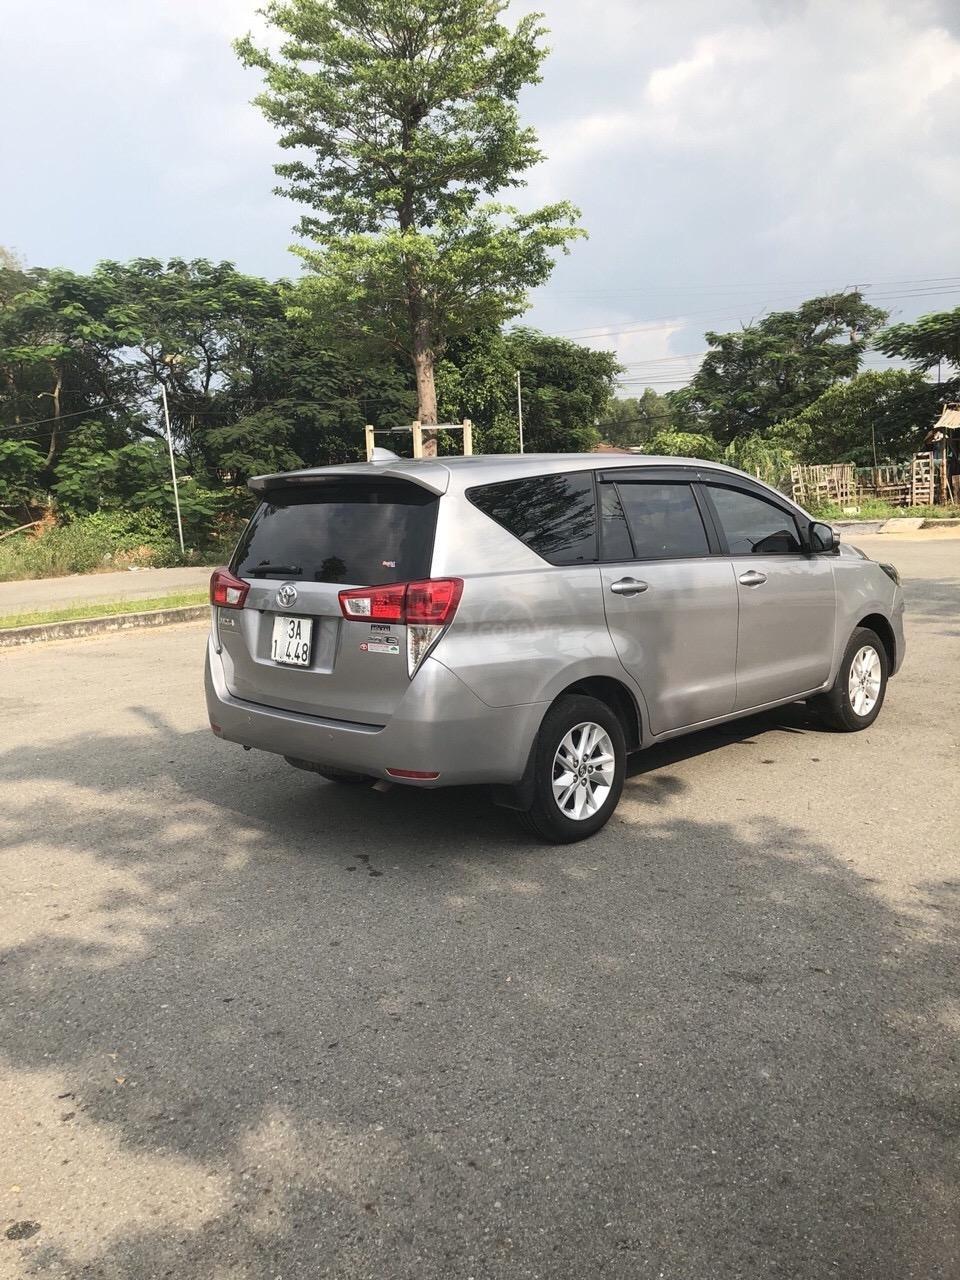 Bán Toyota Innova 2.0E năm 2017, xe trang bị đầy đủ bán lại giá 660 triệu (3)